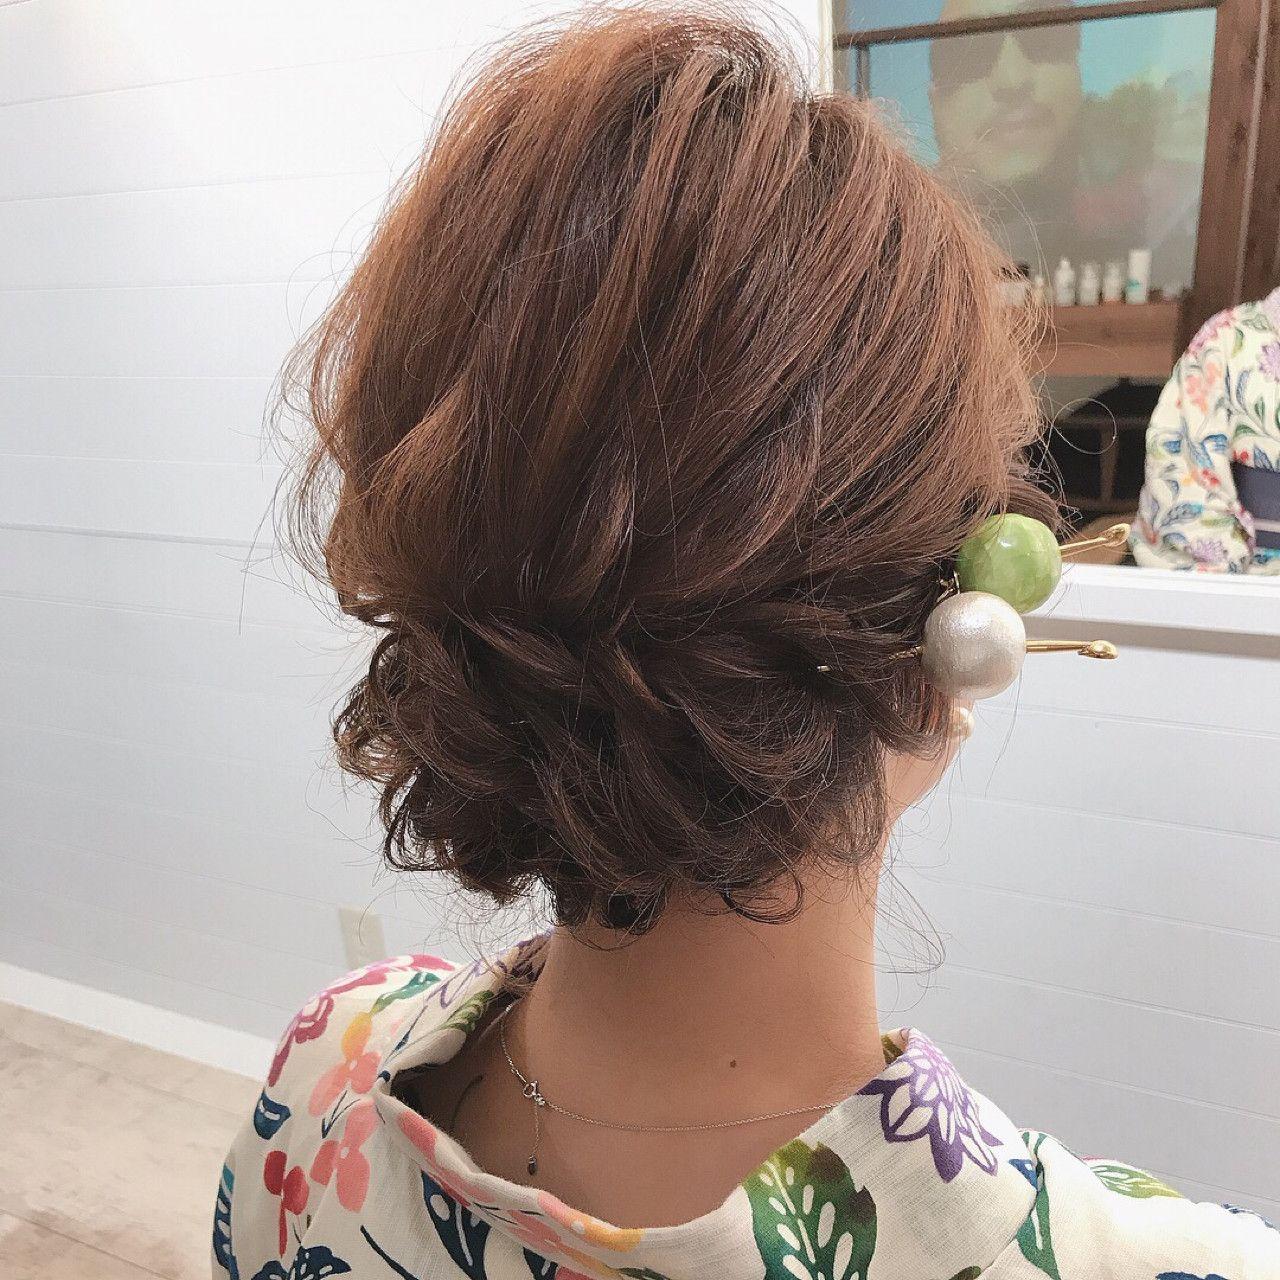 2018夏 浴衣に合うヘアアレンジ 長さ別にご紹介 かんざし ヘアスタイル 浴衣 ヘアアレンジ かんざし 髪型